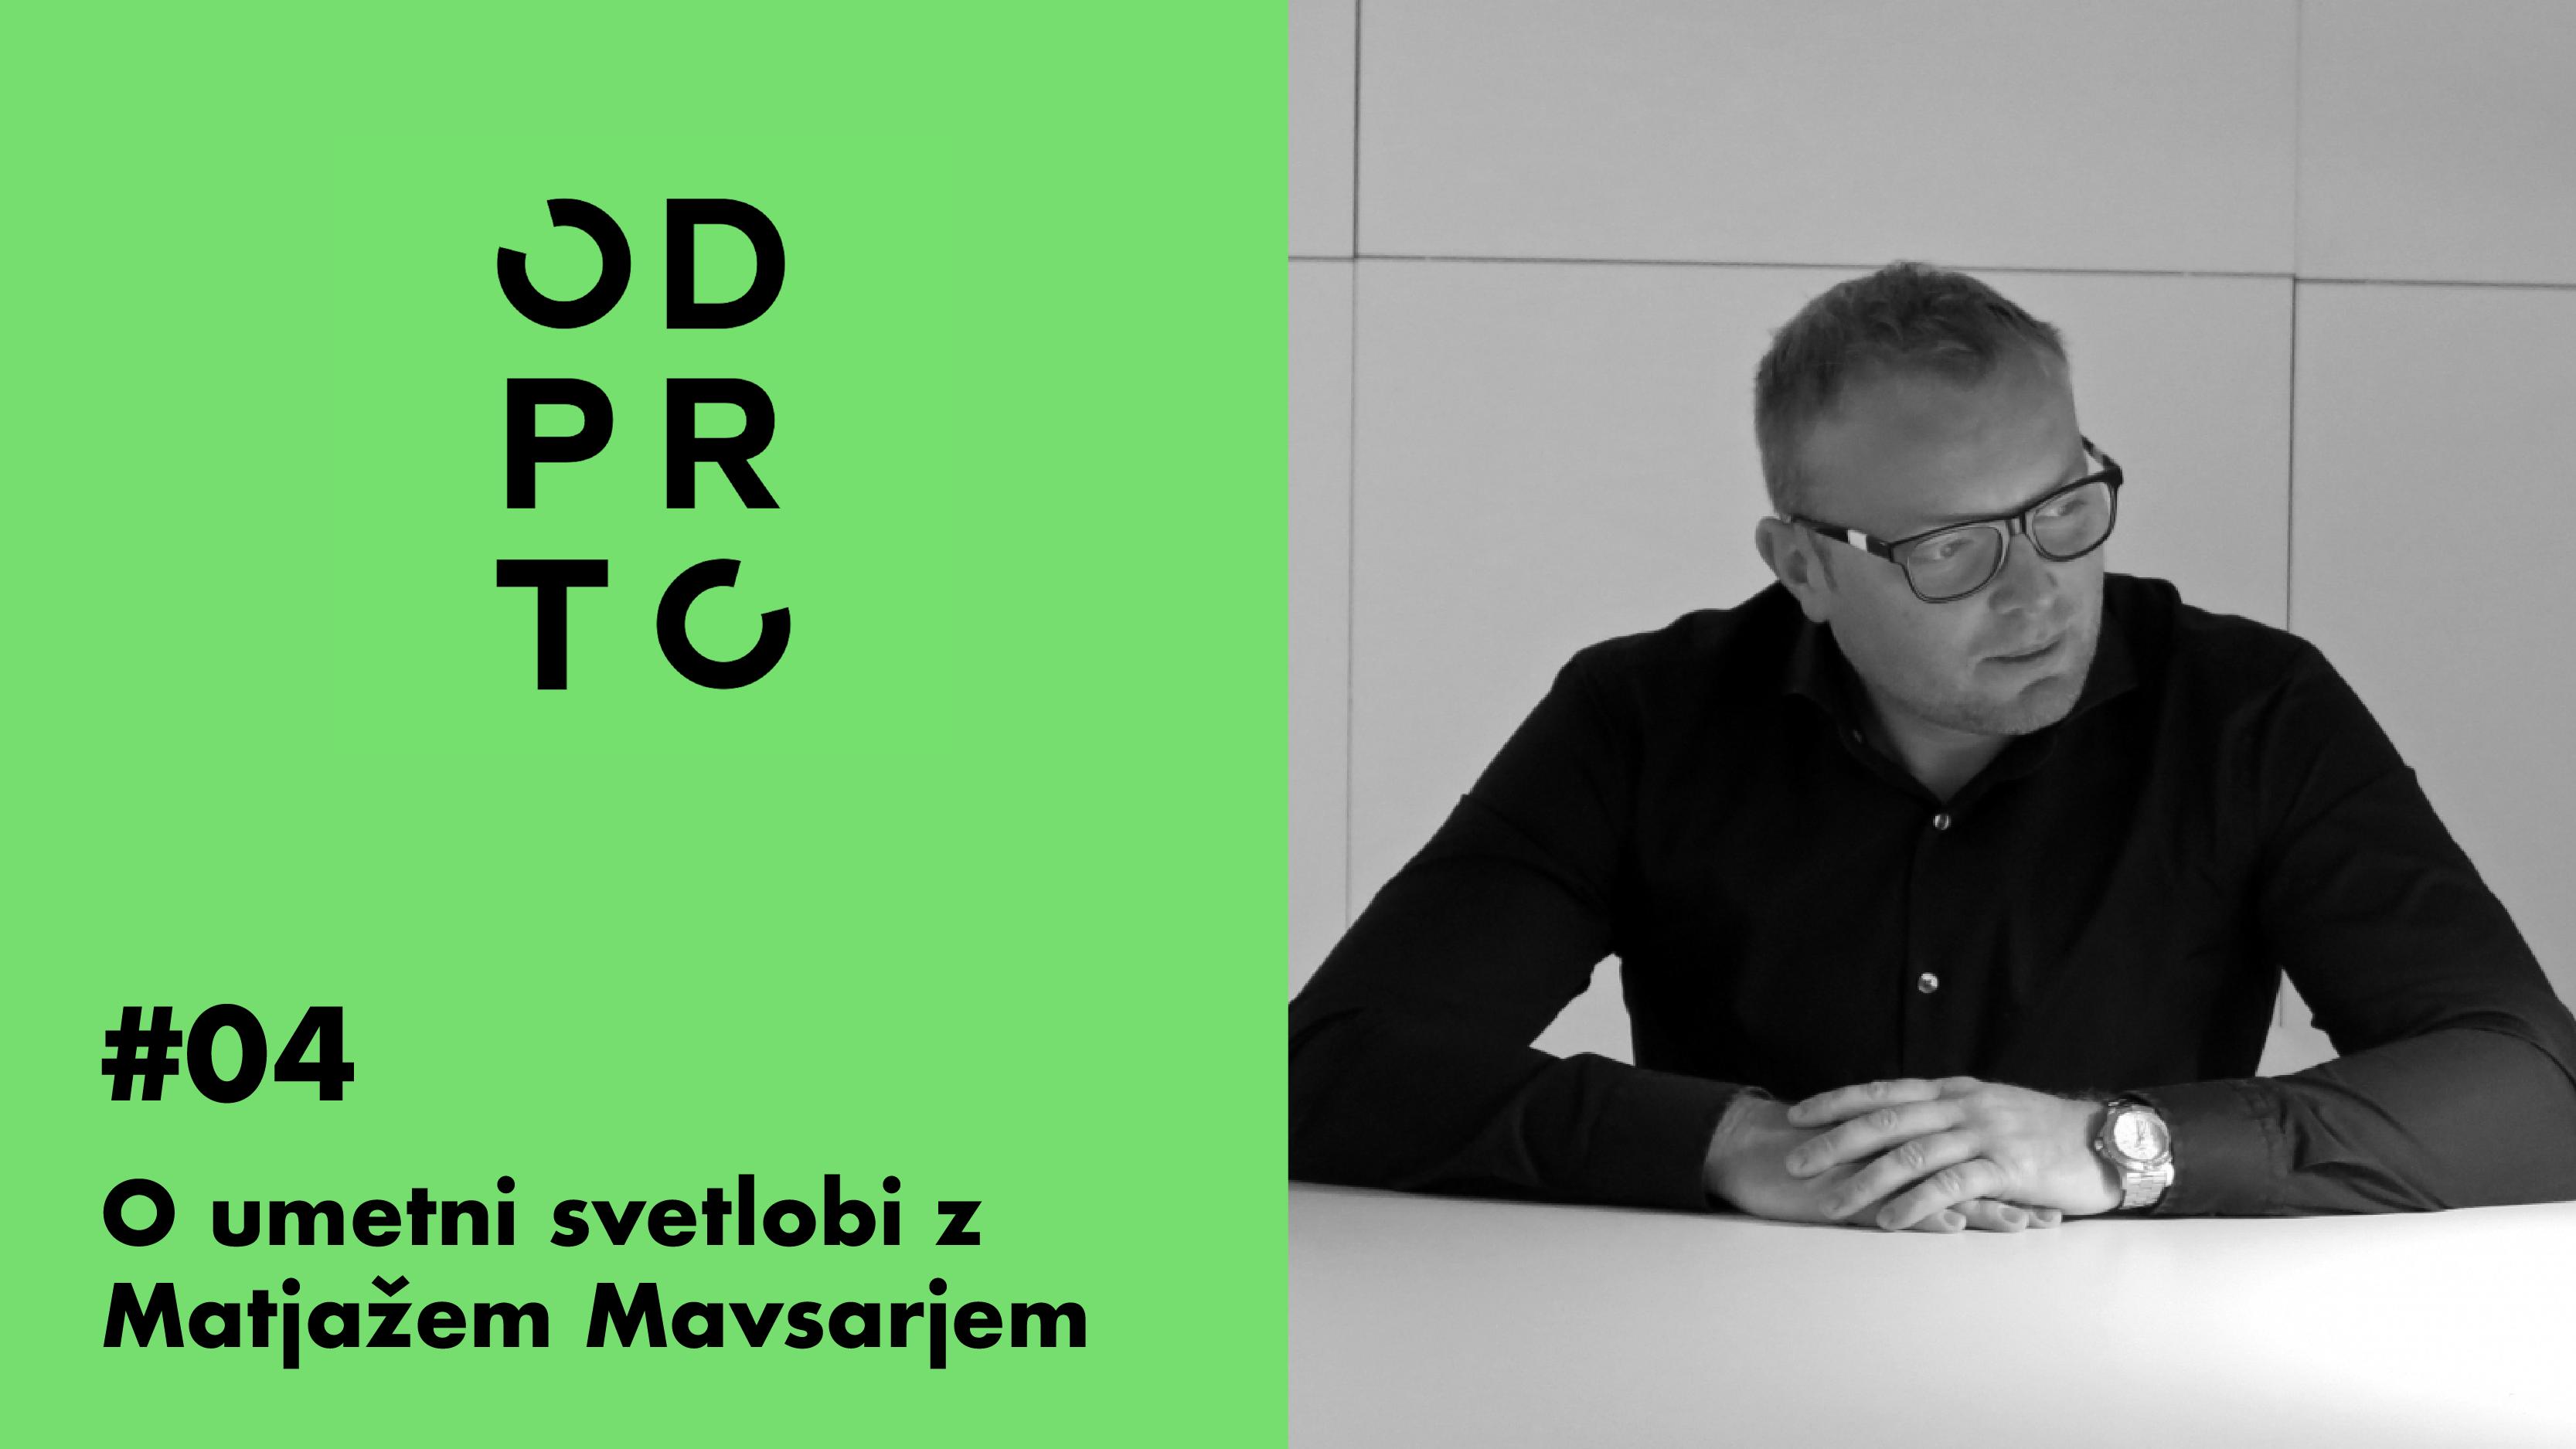 O UMETNI SVETLOBI Z MATJAŽEM MAVSARJEM – Podkast ODPRTO #04